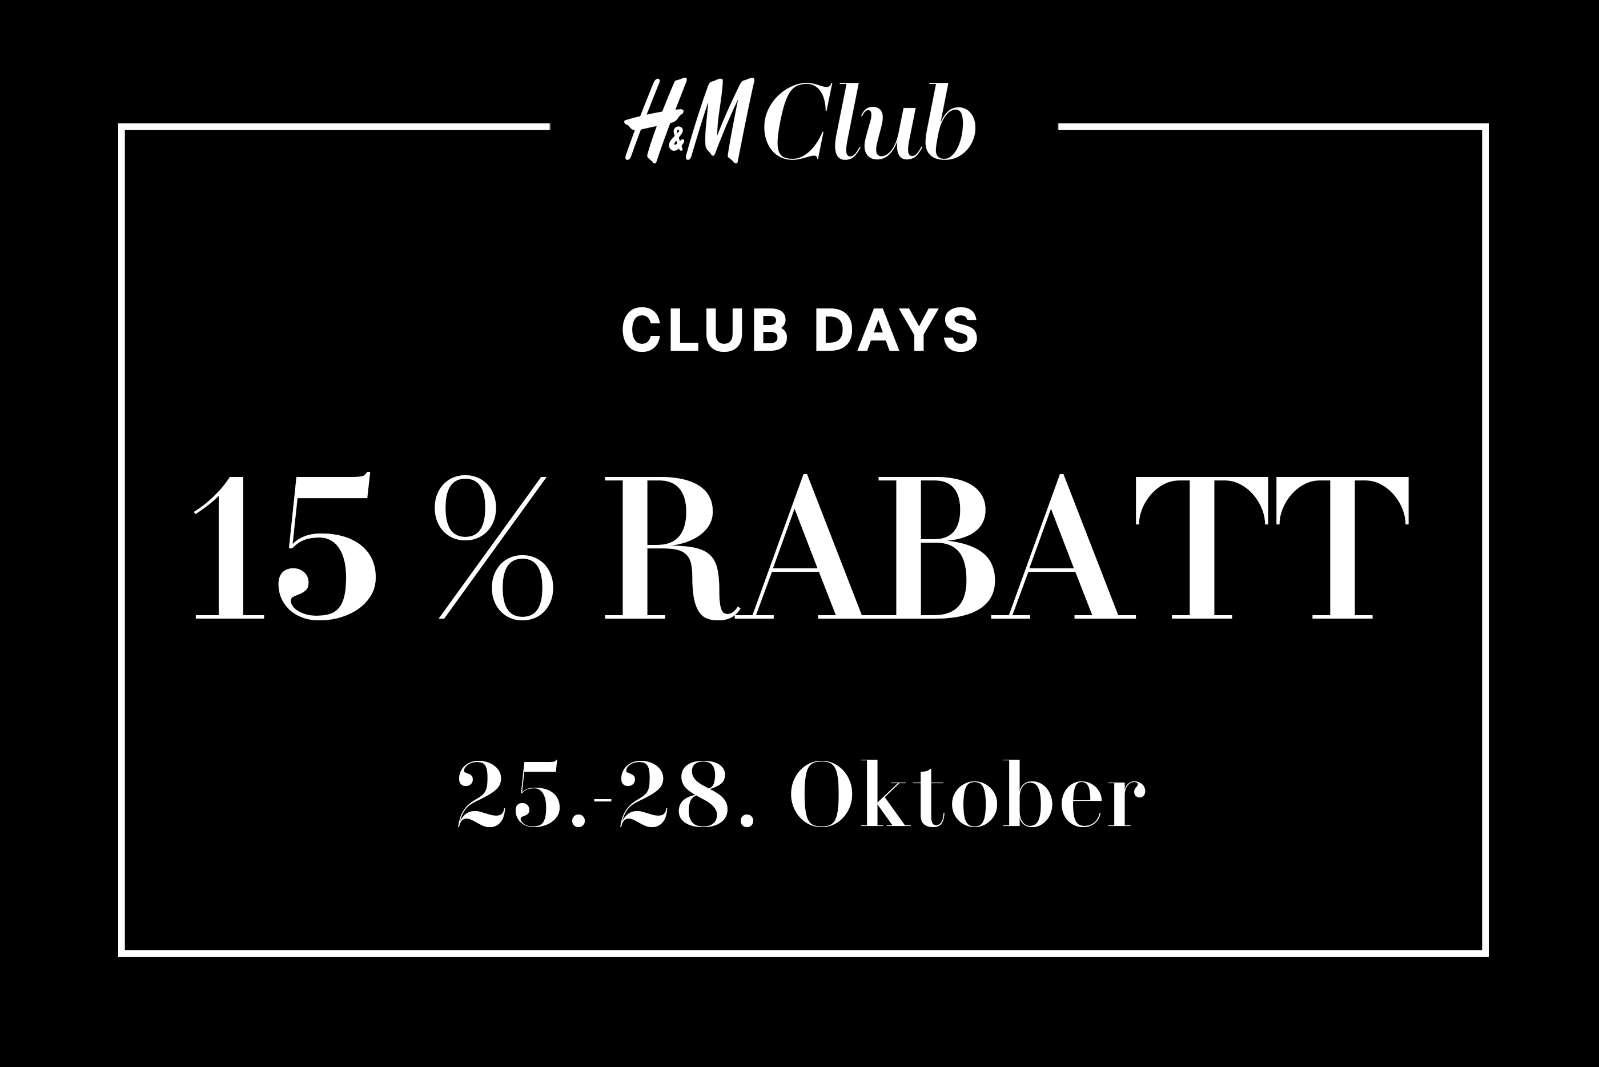 H&M Club Days: 15 % Rabatt + kostenloser Versand - nur bis zum 28. Oktober